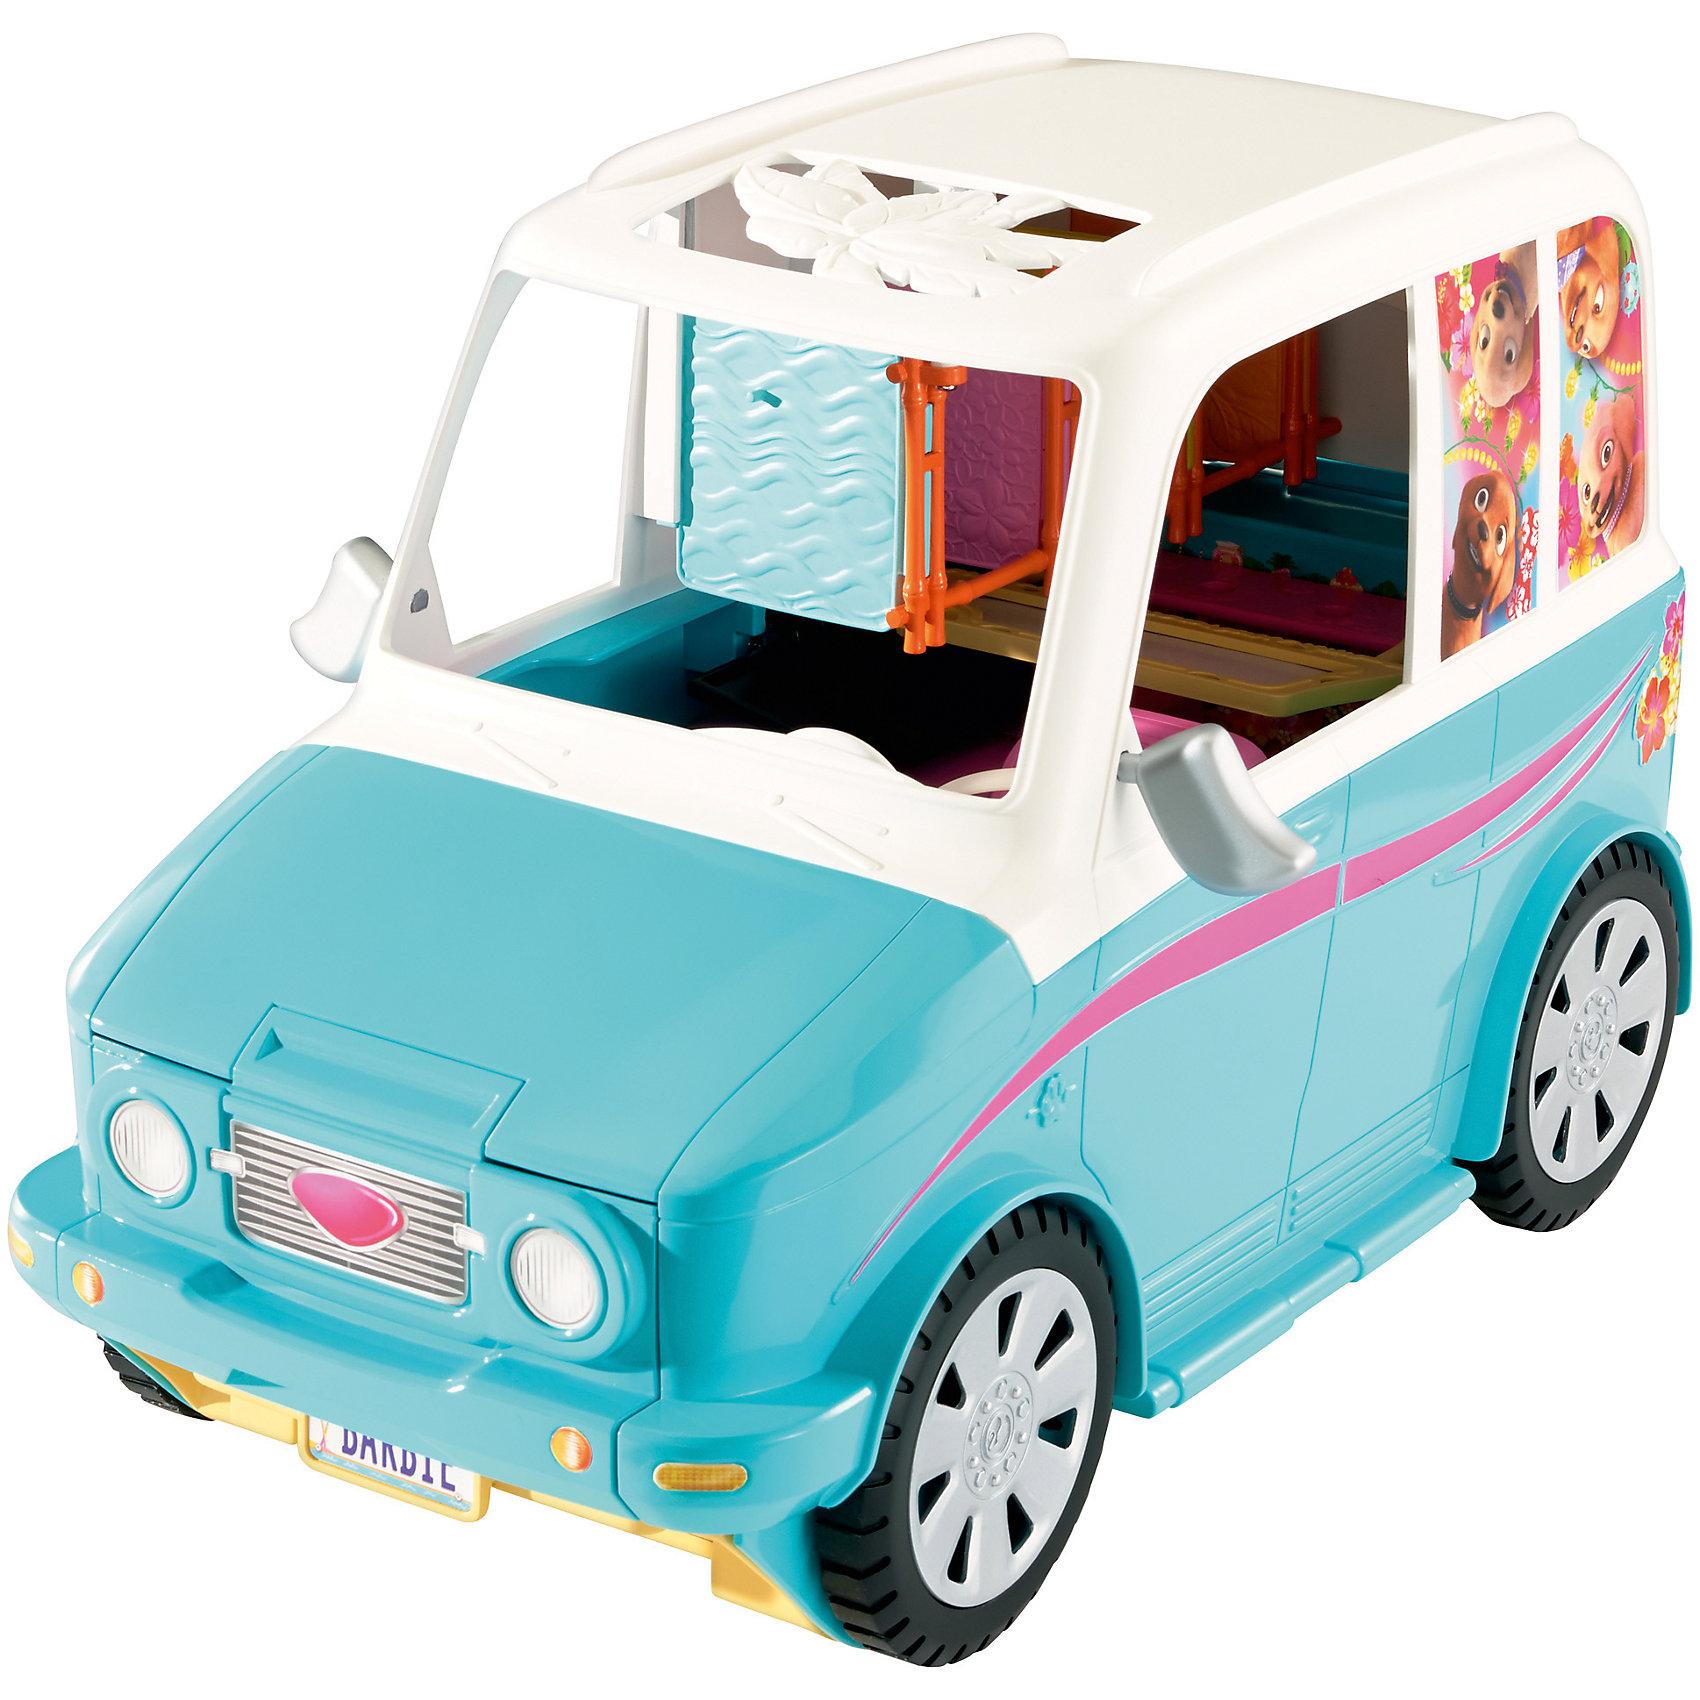 Раскладной фургон для щенков, BarbieBarbie<br>Раскладной фургон для щенков, Barbie - чудесный игровой набор, который вызовет восторг у Вашей девочки, поклонницы кукол Barbie.<br>Раскладной фургон для щенков - игрушка по мультфильму «Барби и ее сестры в поисках сокровищ». Верные друзья длинноногой красавицы, 4 очаровательных щенка отправляются в путешествие! Вместительный фургон, на котором они передвигаются, раскладывается и оснащен всем необходимым, чтобы хорошенько отдохнуть в дороге и, конечно, повеселиться. Он с легкостью вмещает куклу Барби, ее сестру (приобретаются отдельно) и 4 щенков. У машины раздвигаются боковые стенки, и откидывается крыша, и фургон превращается в идеальную площадку для игры c зоной для отдыха, смузи-баром в стиле «Тики» (напитки для всех сестер), телевизором, подстилками для щенков. Когда один щенок съезжает на площадку, другой может спуститься на «лифте» по забавной пальме! Для того, чтобы щенки выспались и отдохнули, предусмотрены 4 лежанки, расположенные друг над другом. В комплект также входят различные аксессуары - миски, стаканчики с напитками и другие.<br><br>Дополнительная информация:<br><br>- В наборе: транспорт-трансформер, 4 щенка, тематические аксессуары<br>- Куклы продаются отдельно<br>- Материал: пластик<br>- Размер упаковки: 19х39,5х25 см.<br>- Вес: 2,281 кг.<br><br>Раскладной фургон для щенков, Barbie можно купить в нашем интернет-магазине.<br><br>Ширина мм: 190<br>Глубина мм: 395<br>Высота мм: 250<br>Вес г: 2281<br>Возраст от месяцев: 36<br>Возраст до месяцев: 120<br>Пол: Женский<br>Возраст: Детский<br>SKU: 4865286